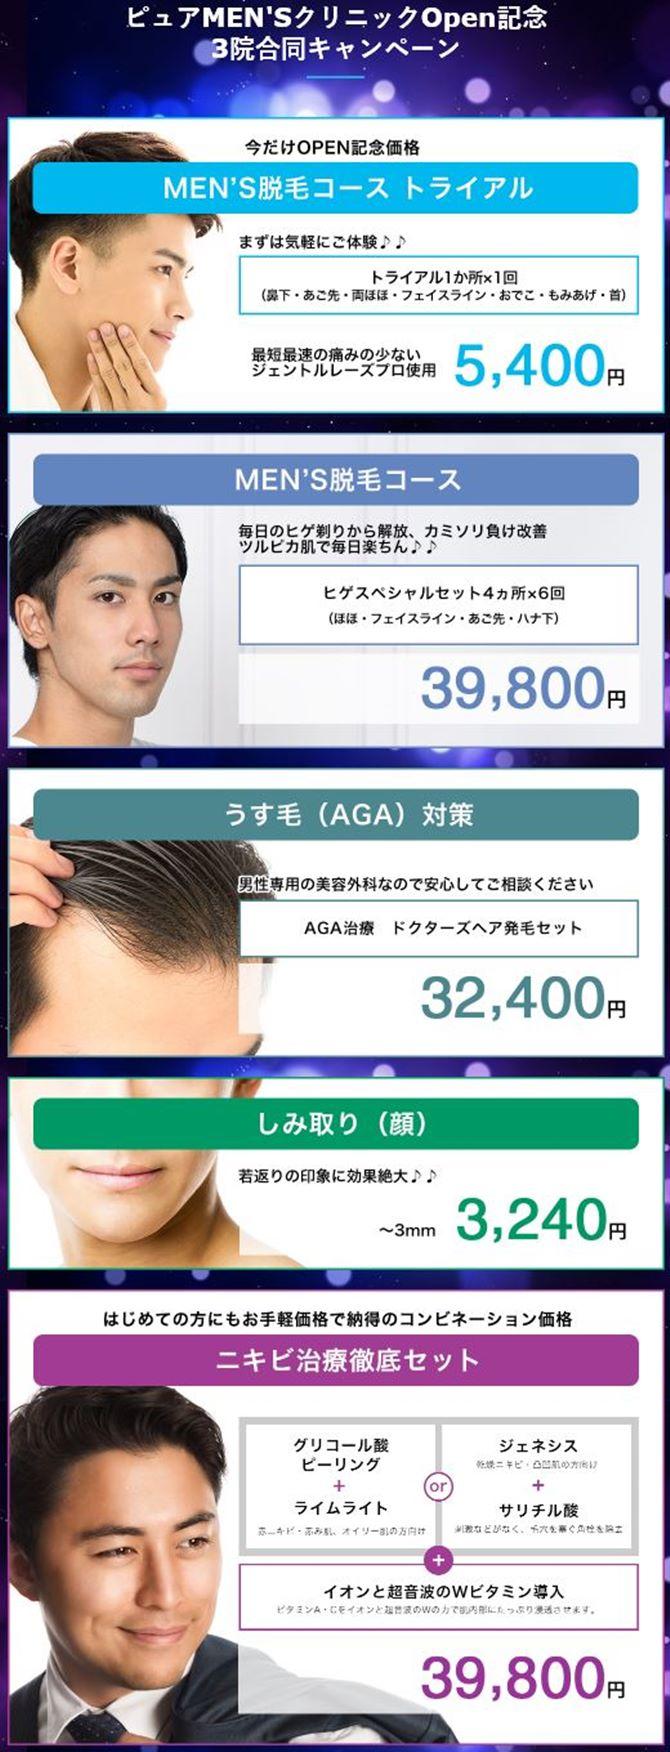 メンズ専門美容外科皮膚科「ピュアMEN'Sクリニック」奈良市西大寺